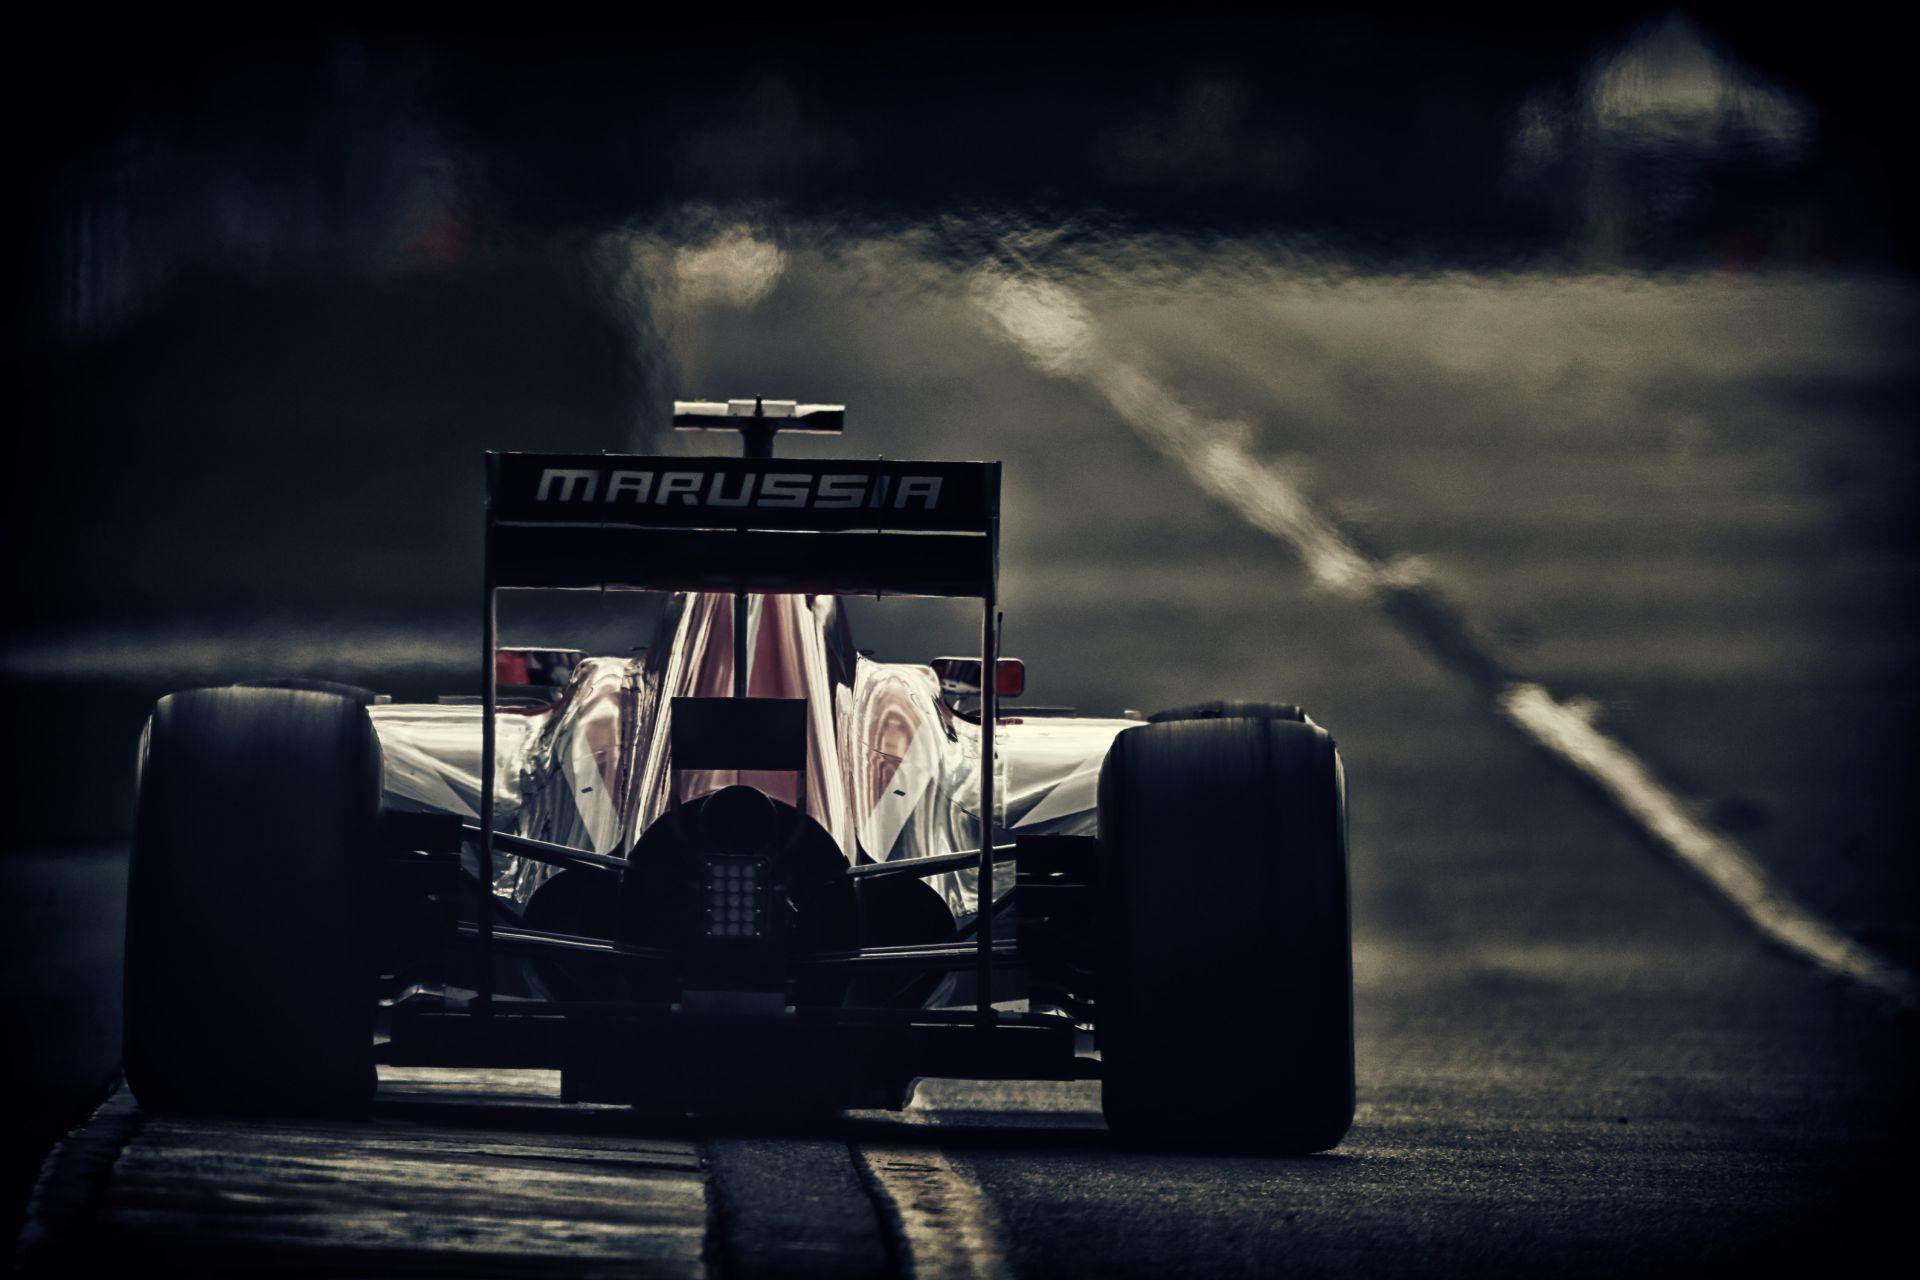 Fantasztikus búcsúvideó Jules Bianchiról: Rendkívül megható!